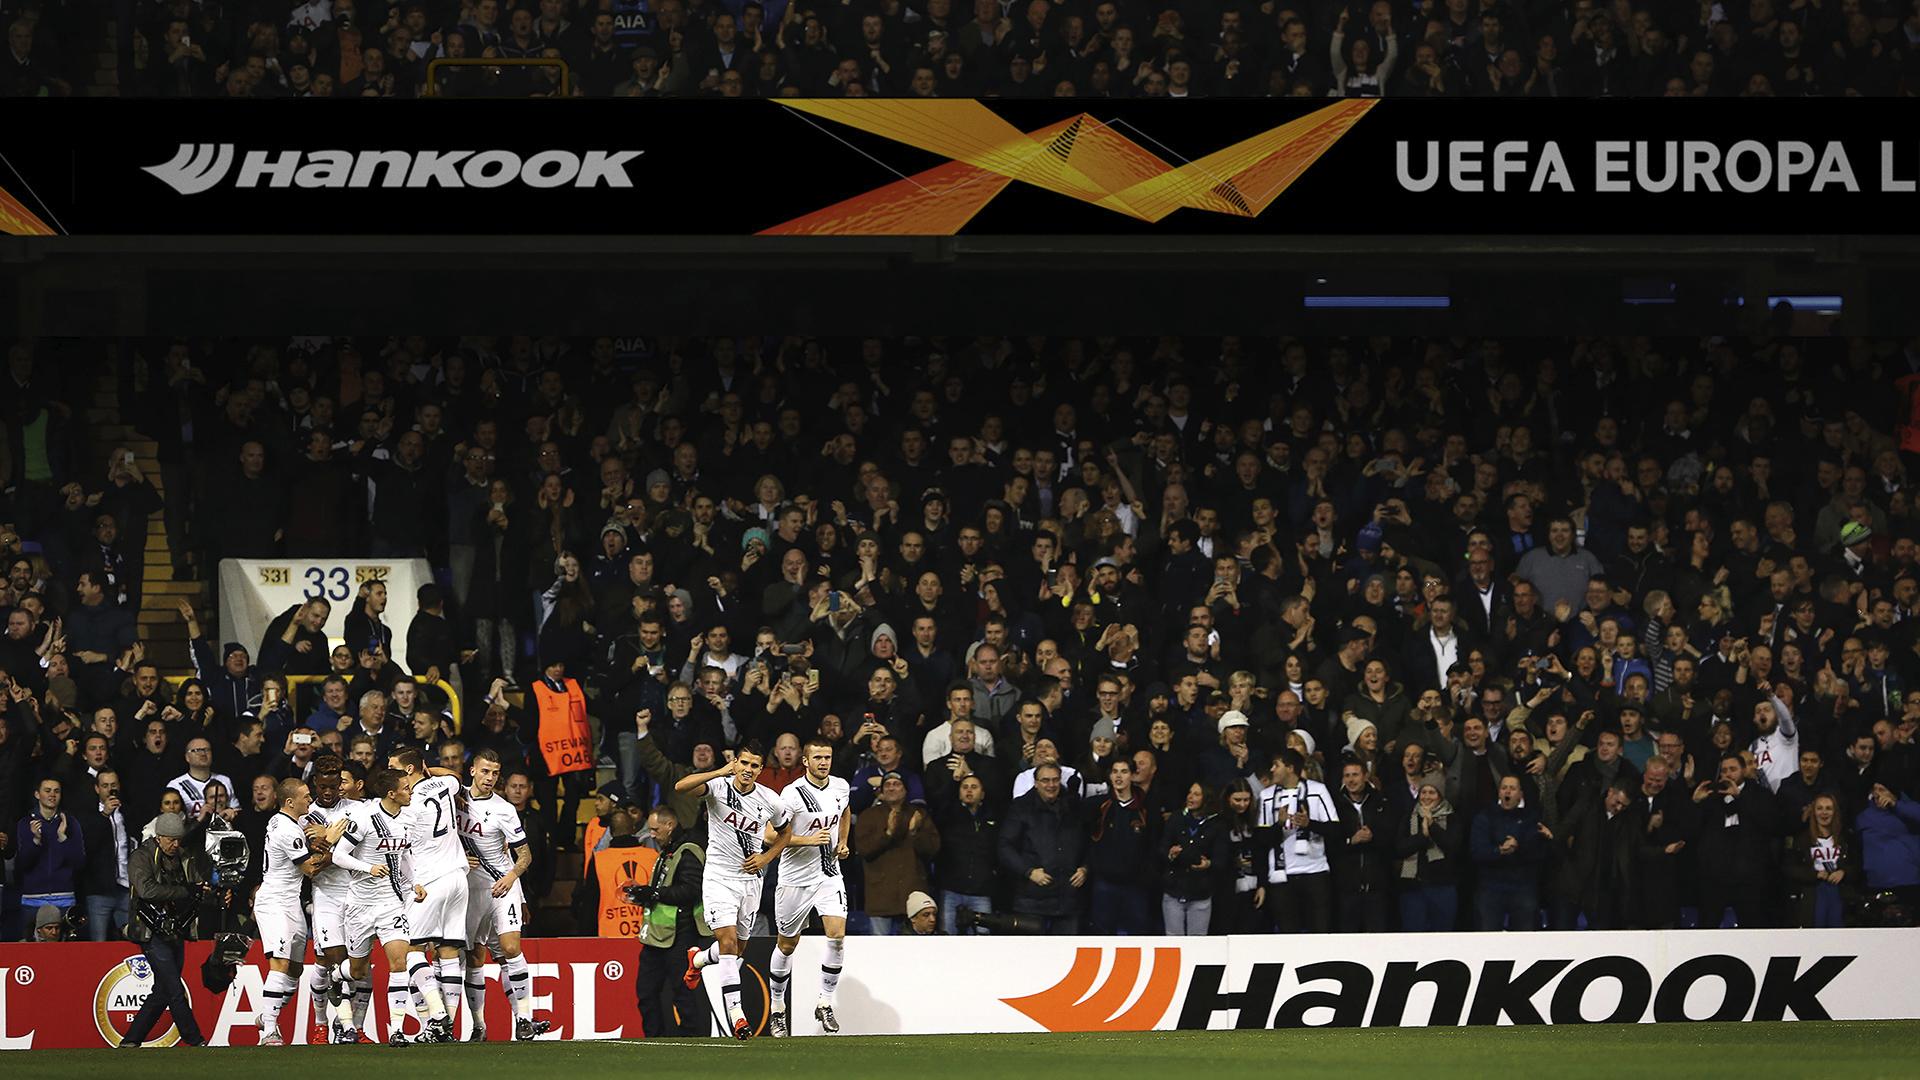 UEFA-Europa League-Nueva Imagen-06